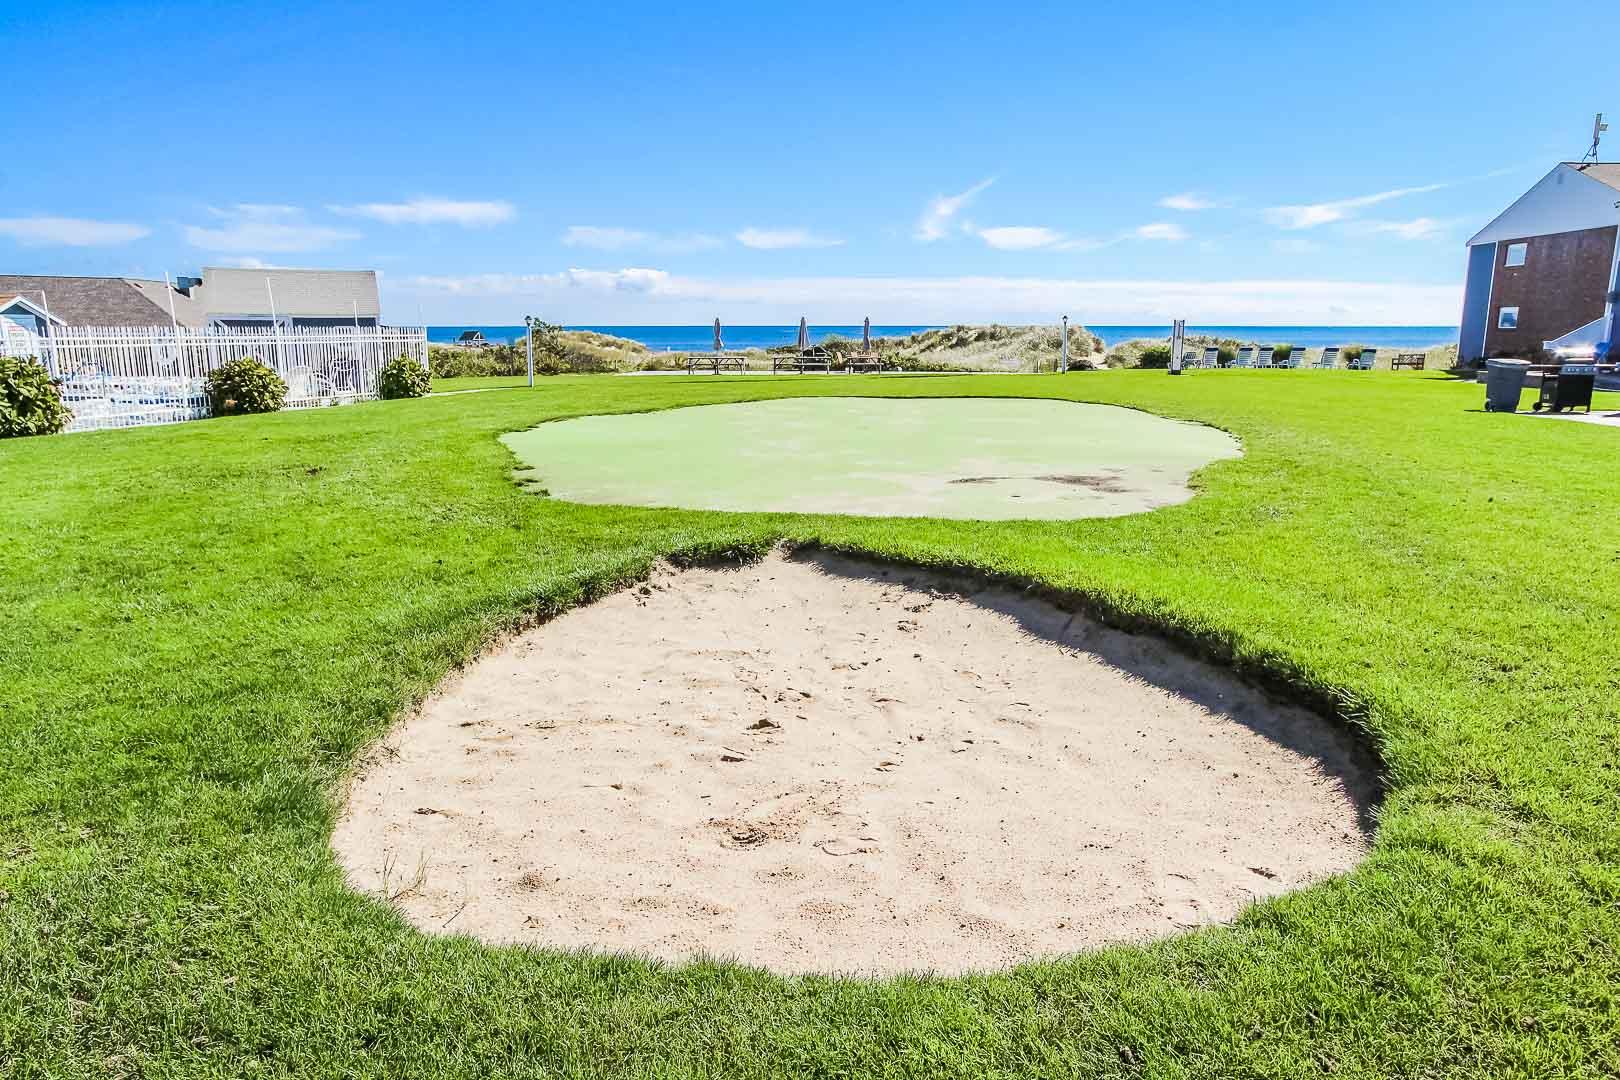 A serene beach view from VRI's Edgewater Beach Resort in Massachusetts.